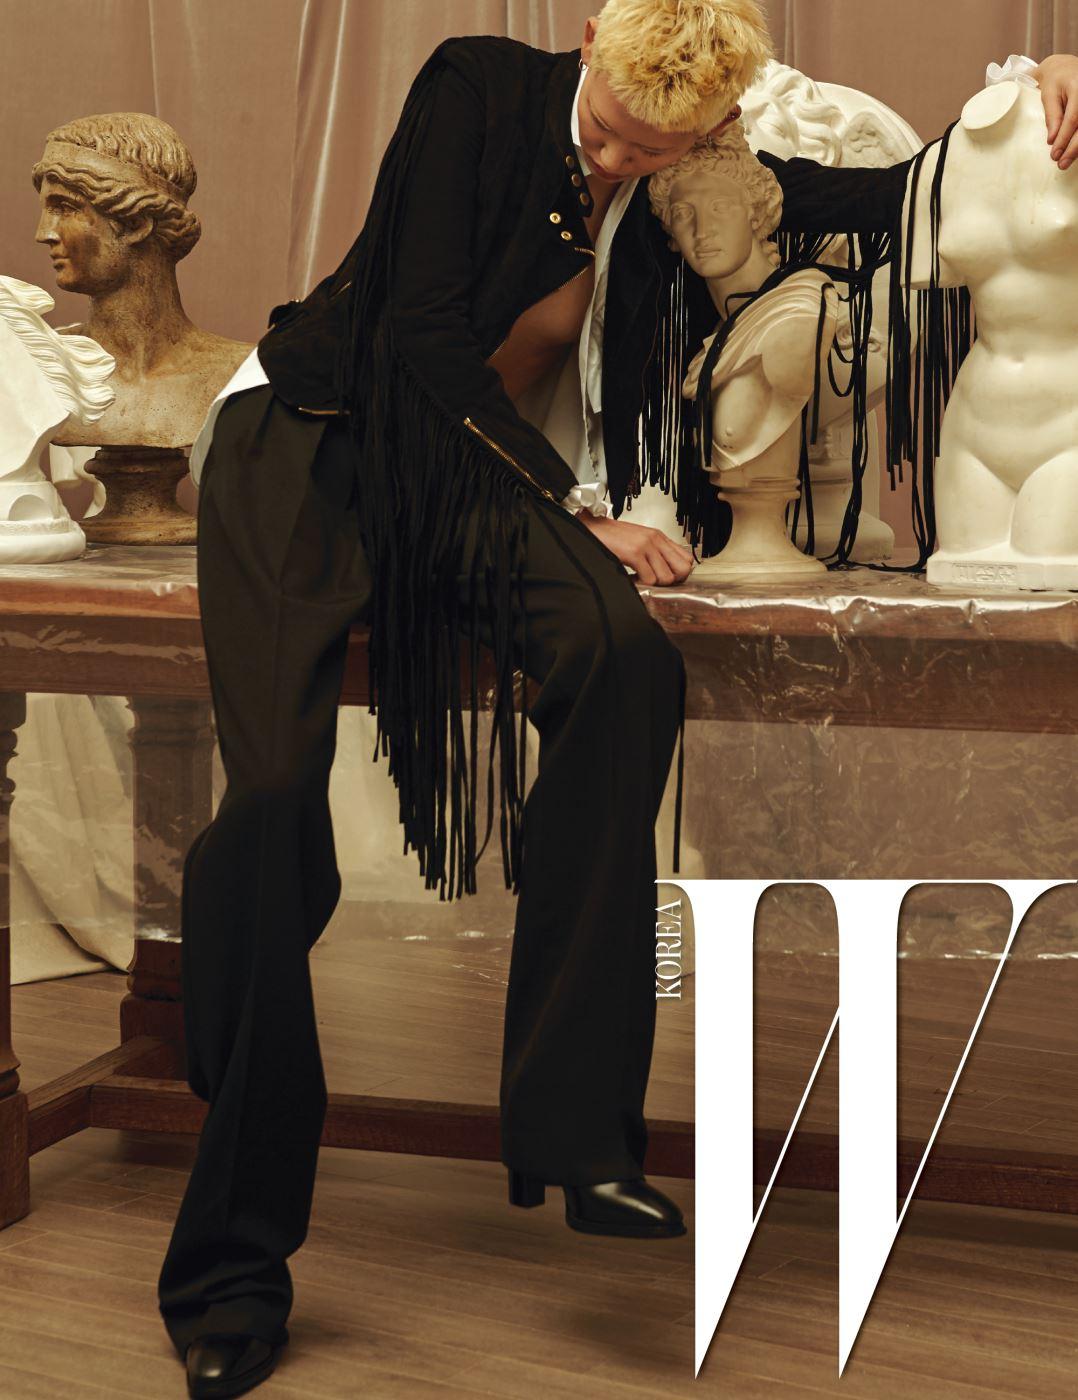 소매의 러플이 포인트인 셔츠, 말의 갈기를 연상시키는 프린지 스웨이드 재킷, 검은색 통 넓은 팬츠, 검정 앵클부츠는 모두 Ralph Lauren Collection 제품.